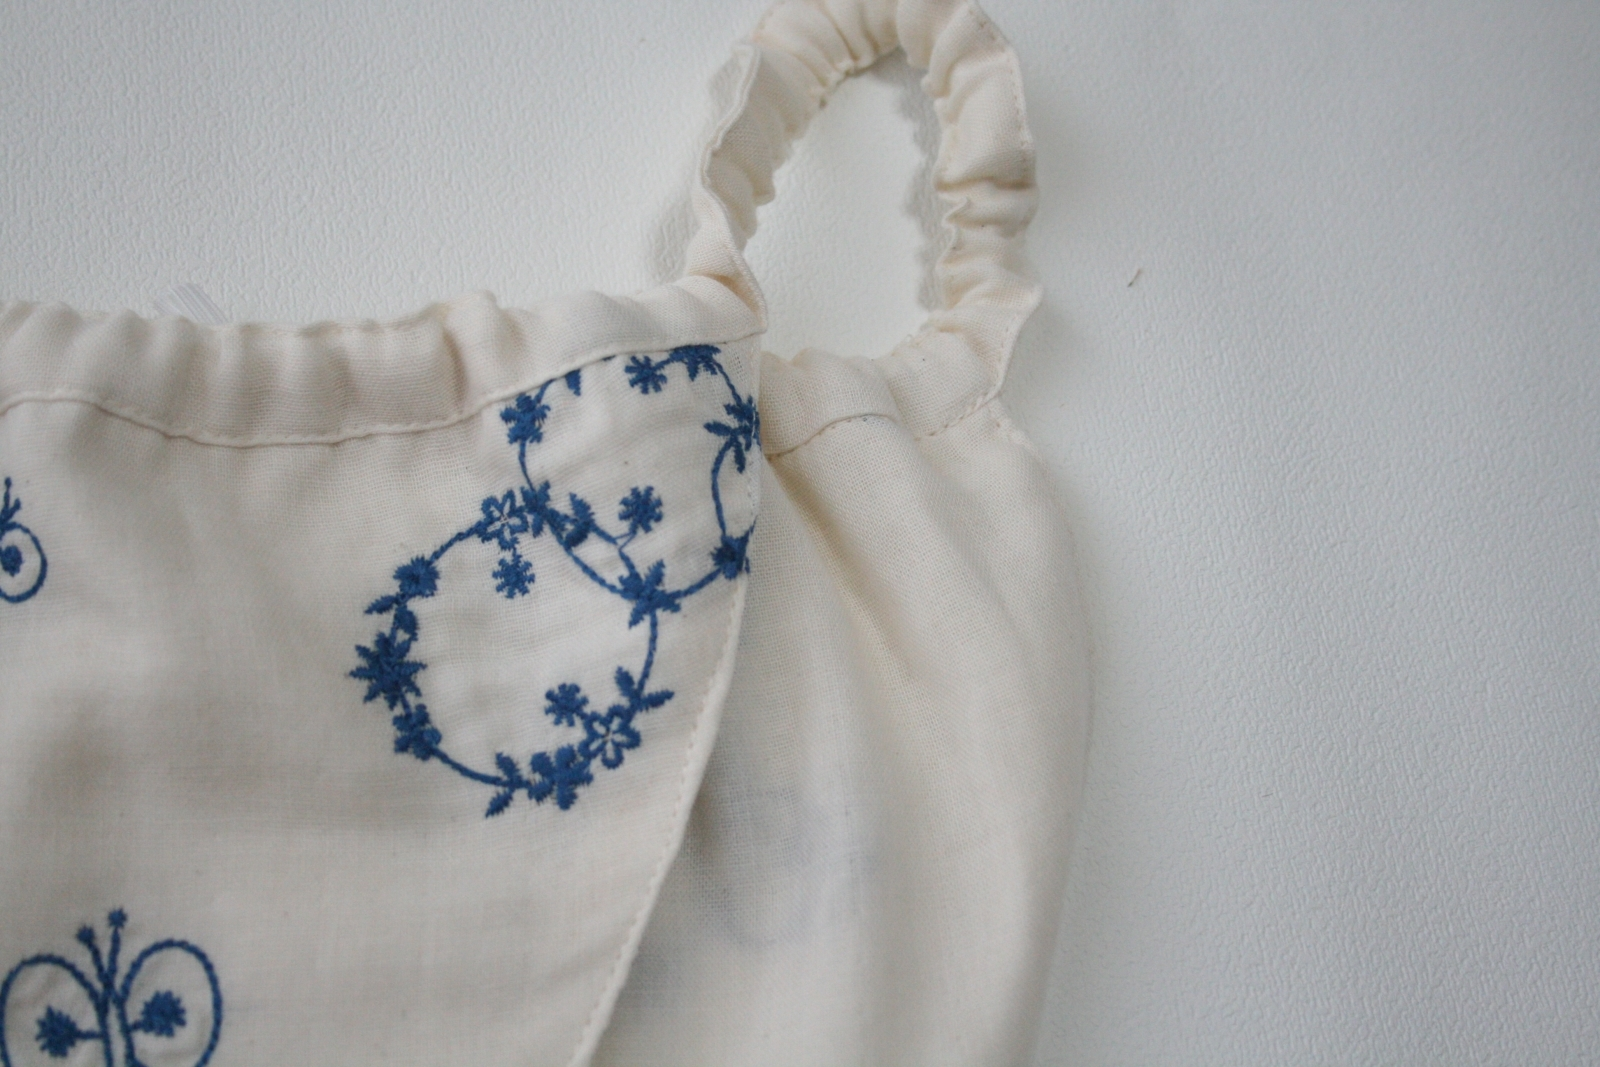 katatoki cotton